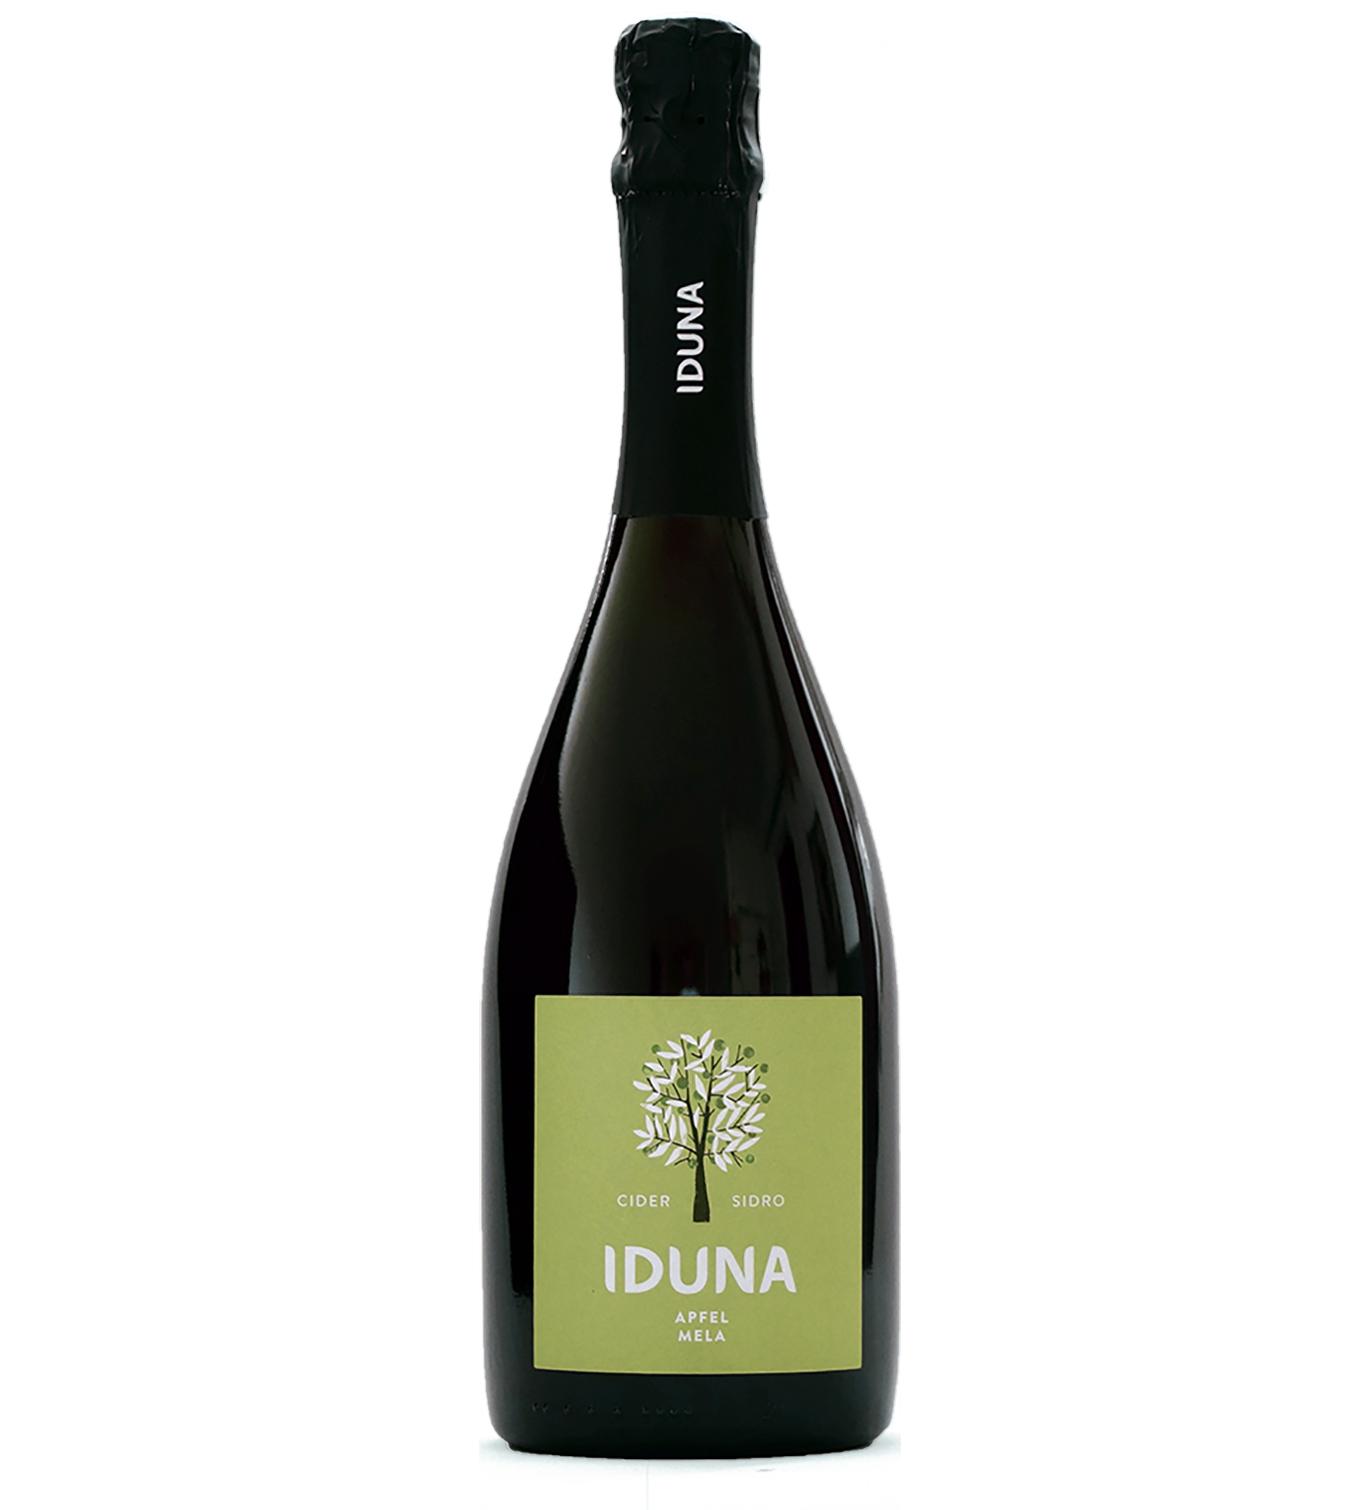 Iduna Cider